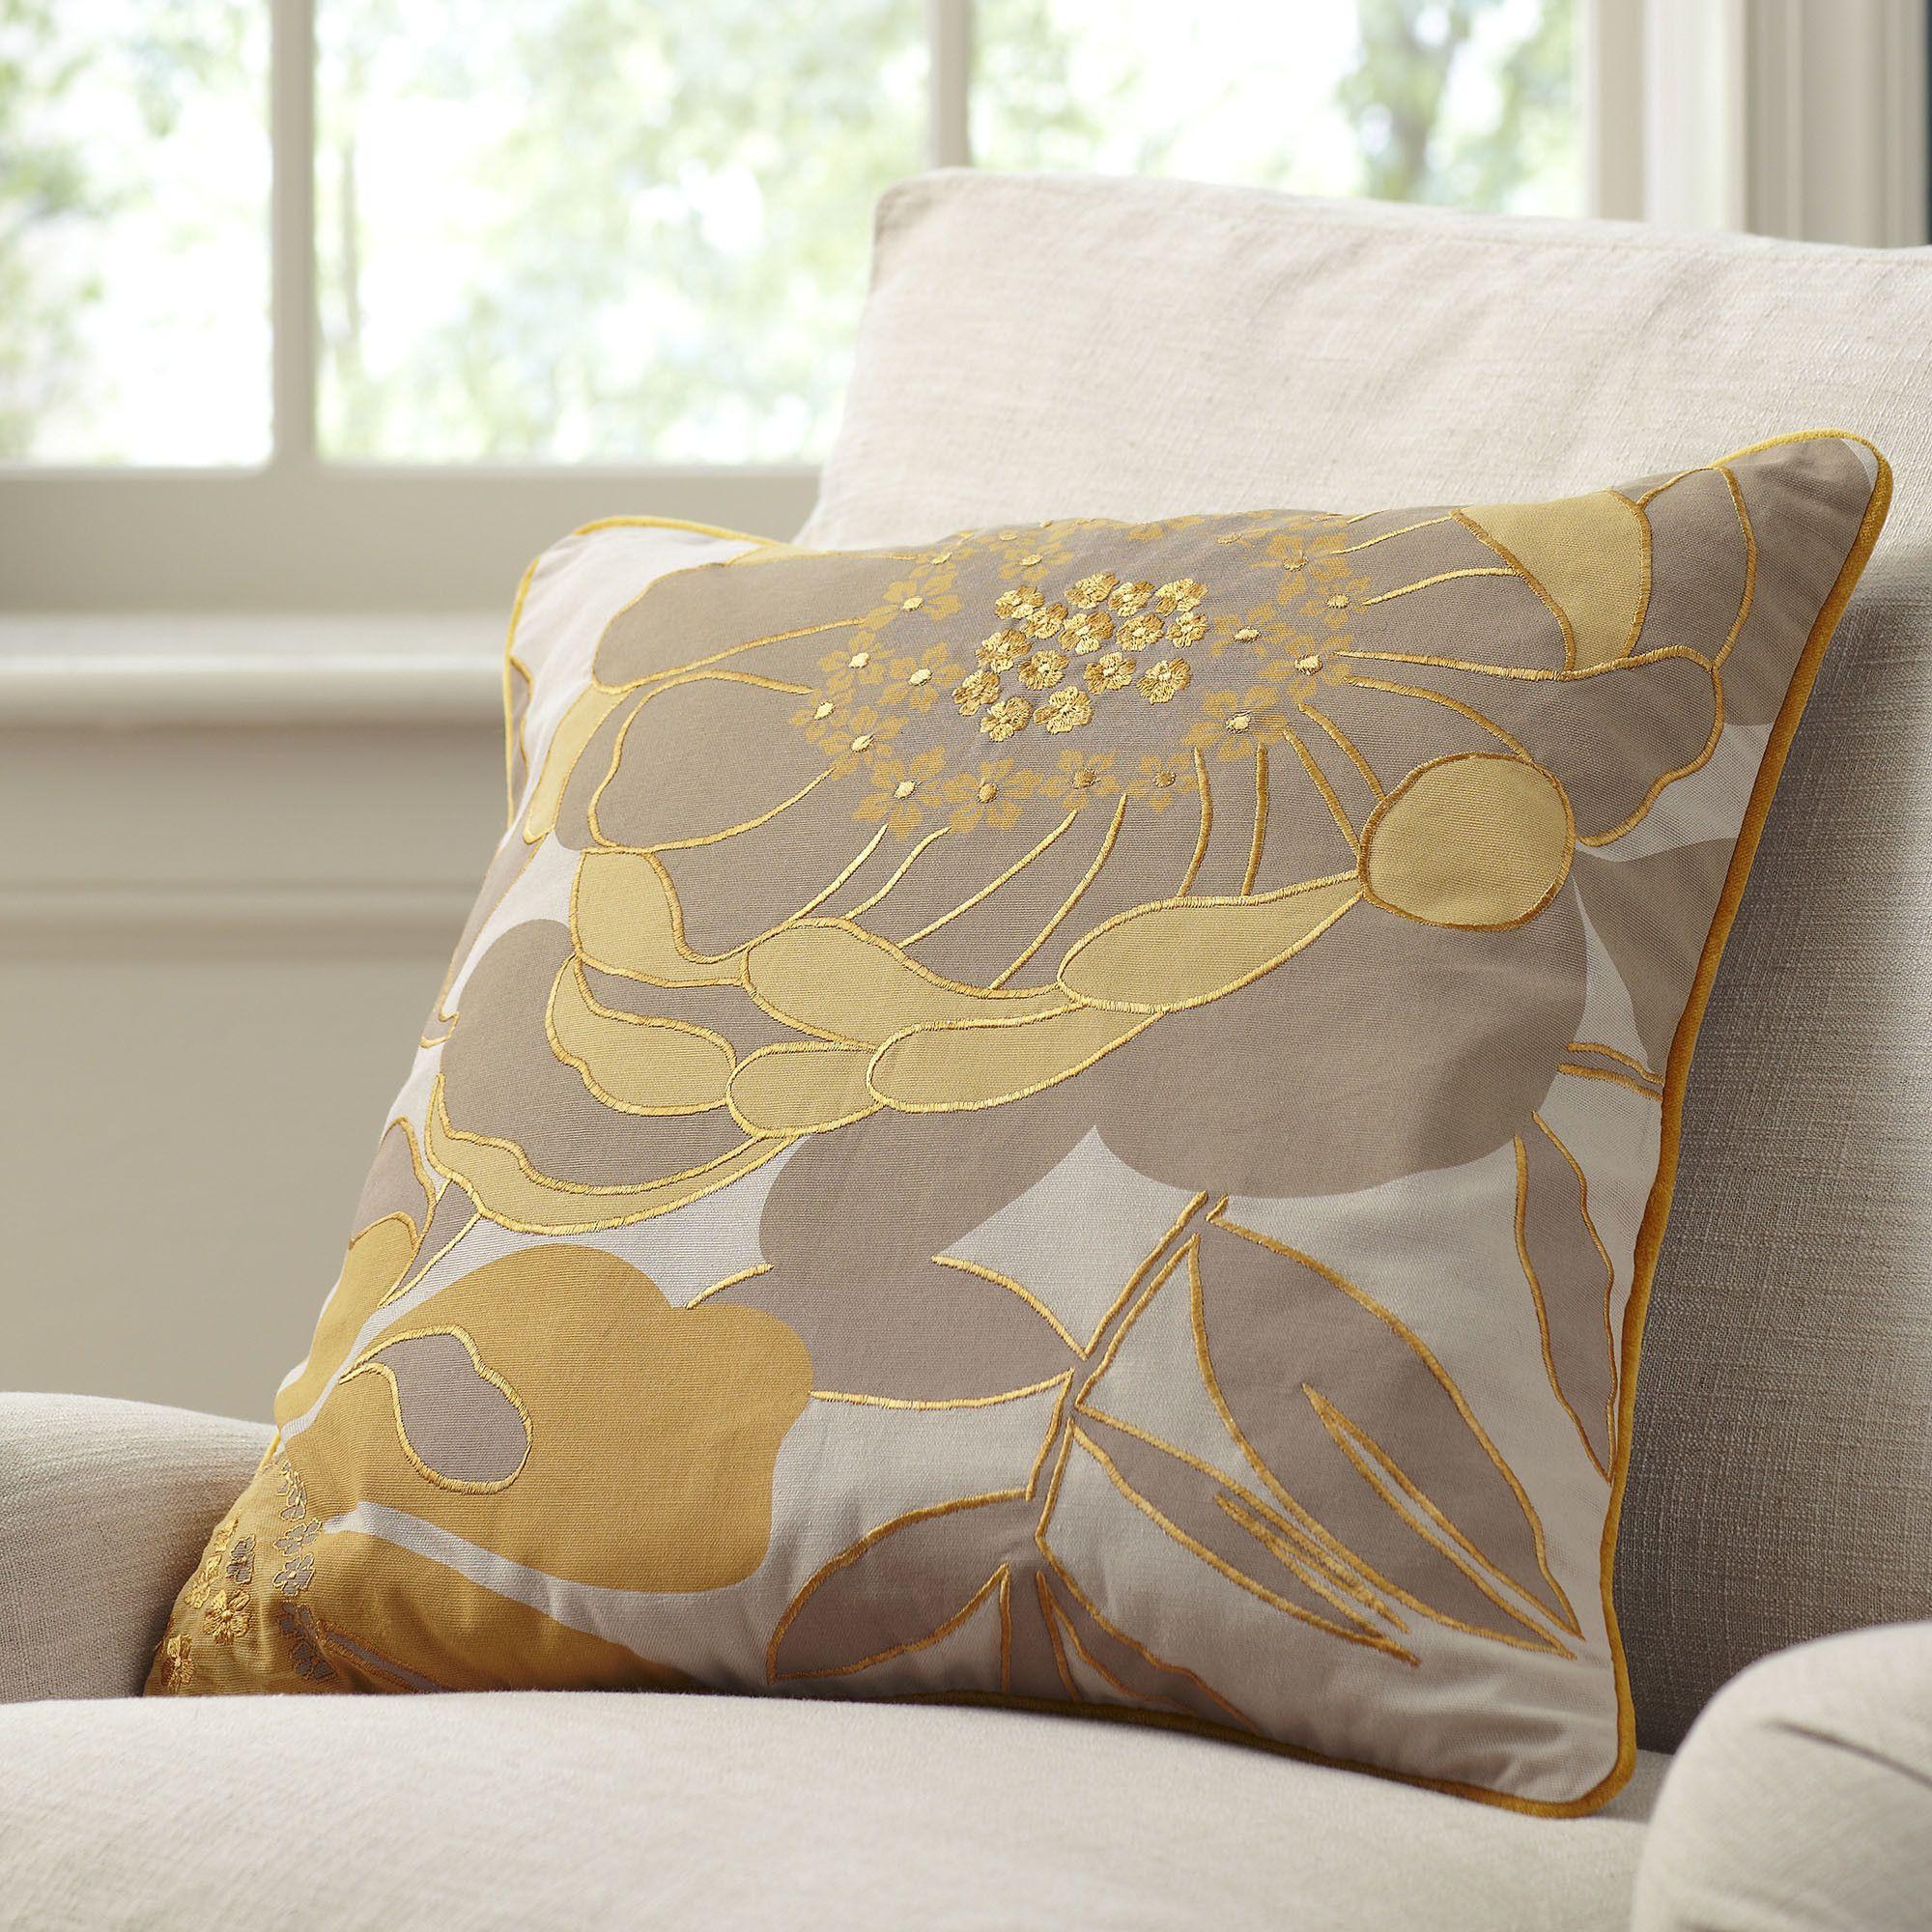 Superb Birch Lane Traditional Furniture Classic Designs Birch Inzonedesignstudio Interior Chair Design Inzonedesignstudiocom